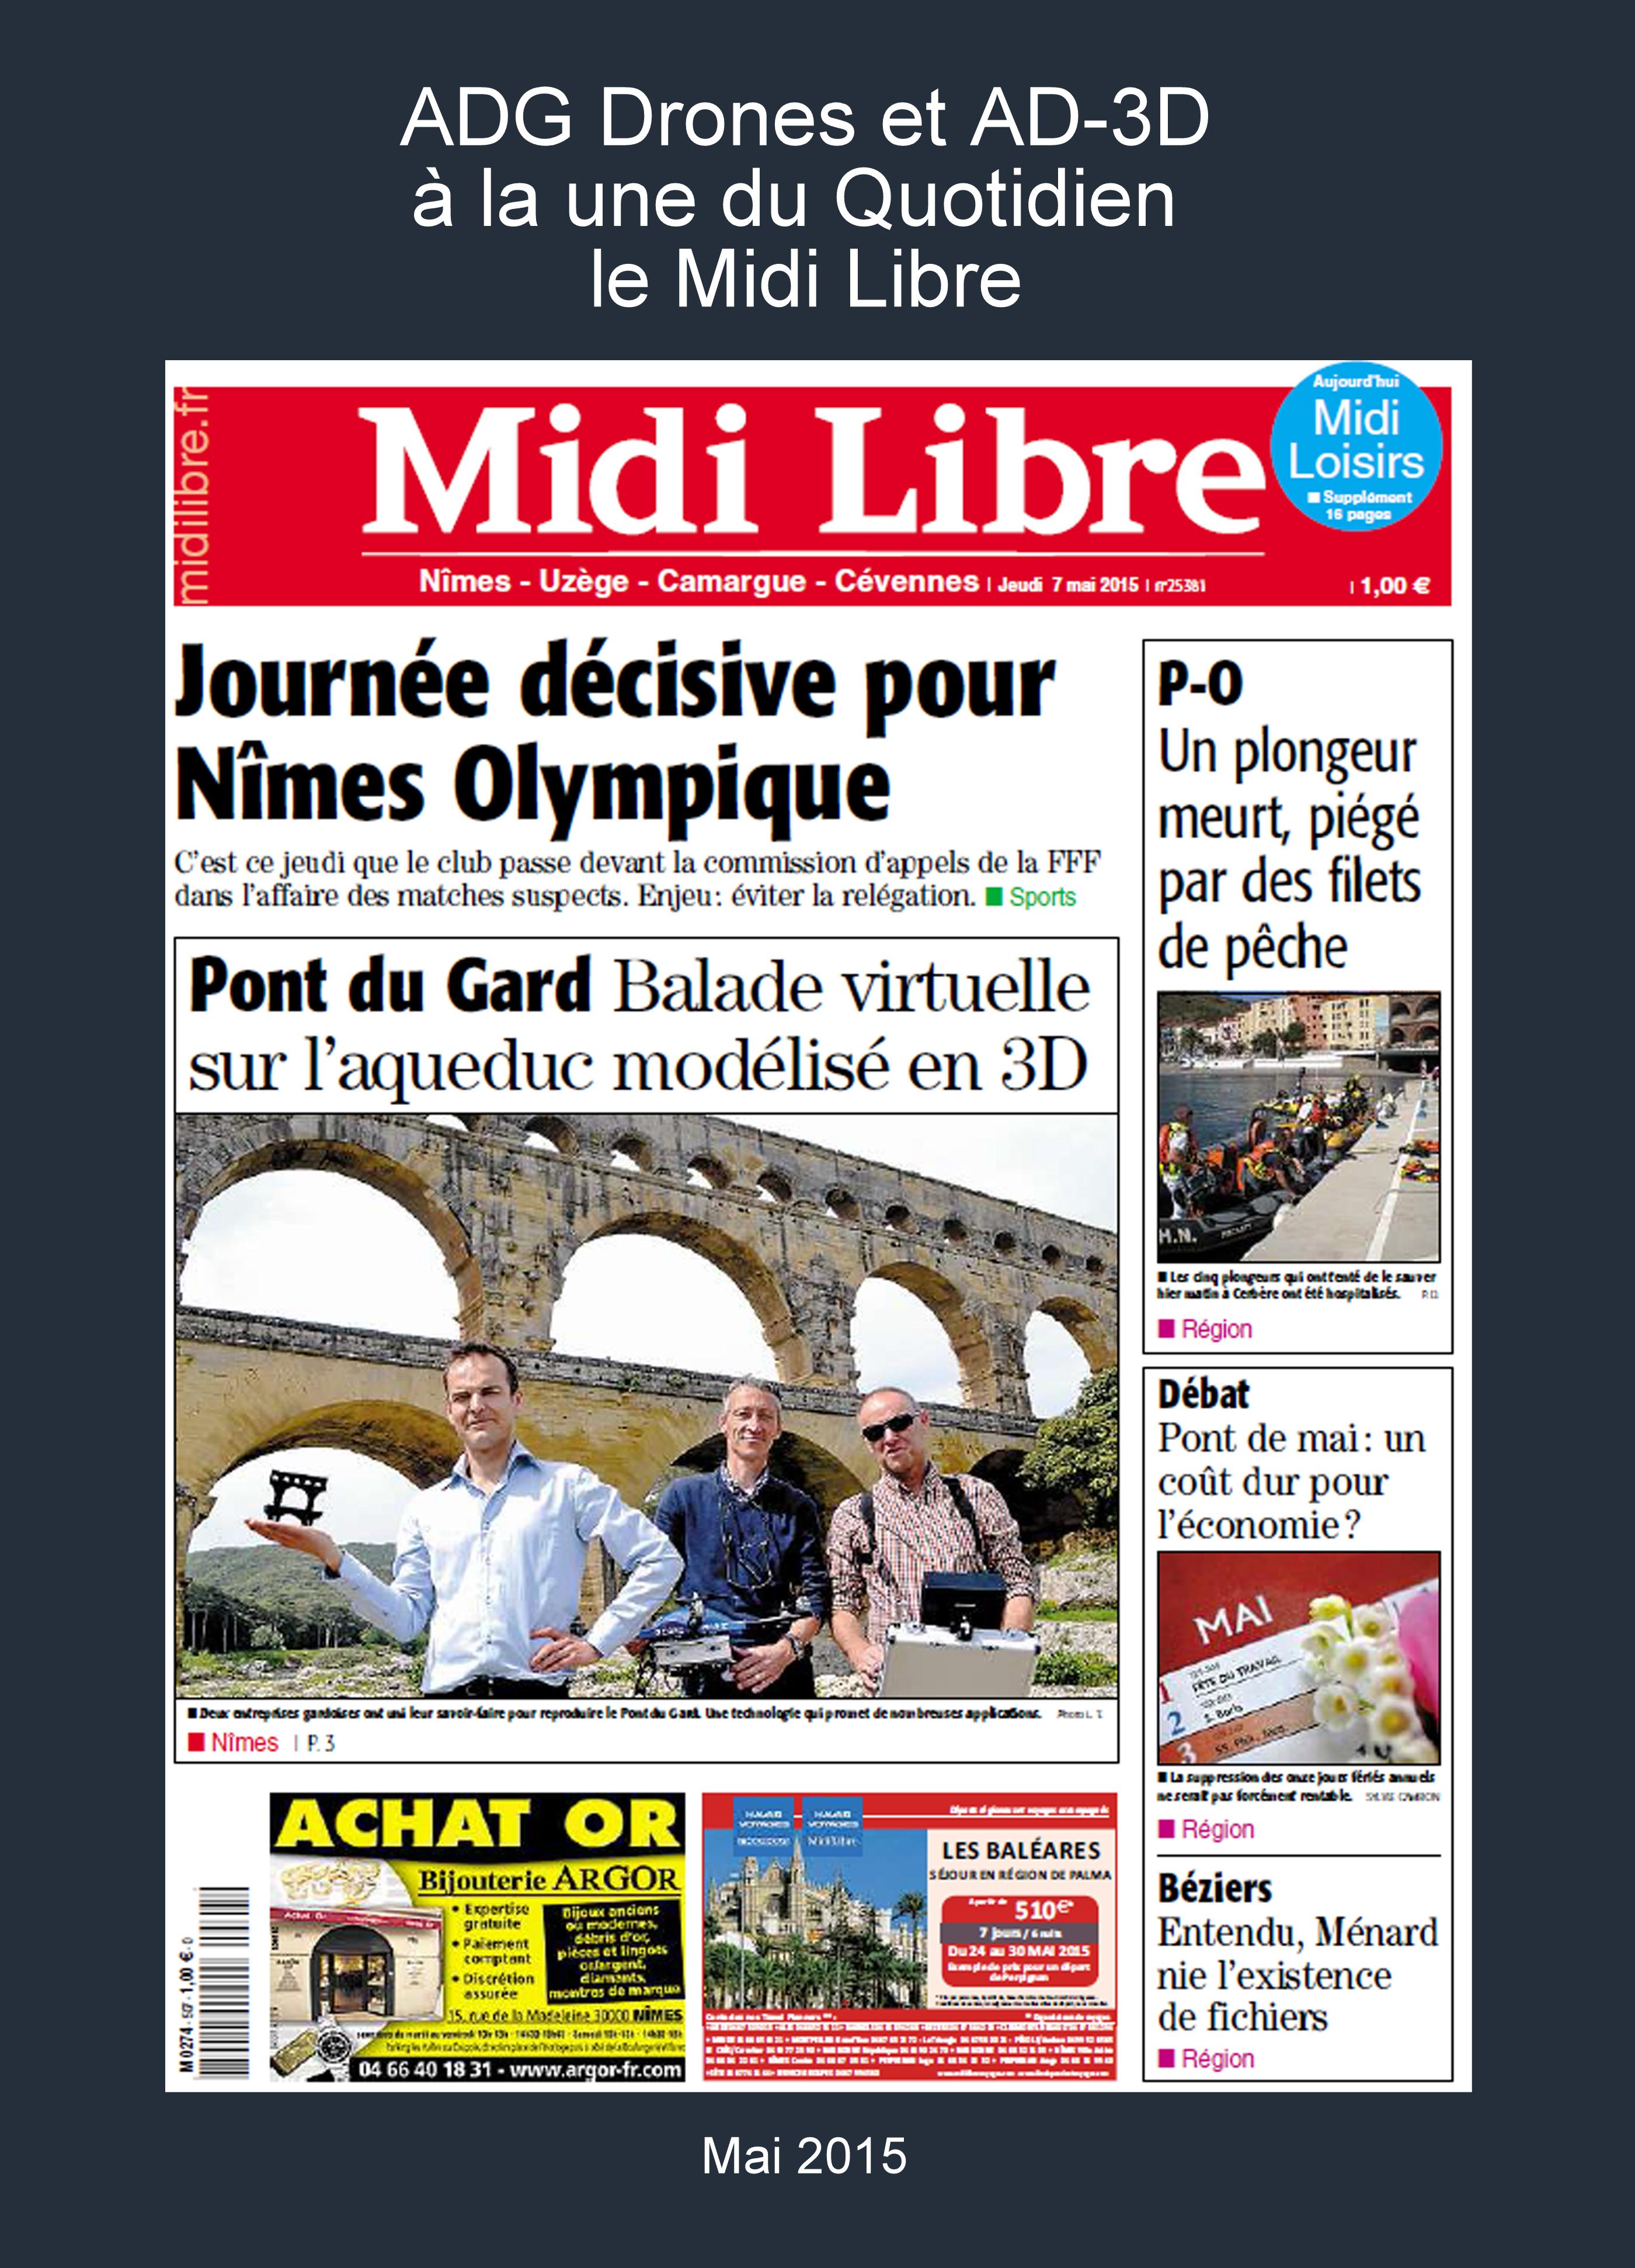 Le Midi Libre